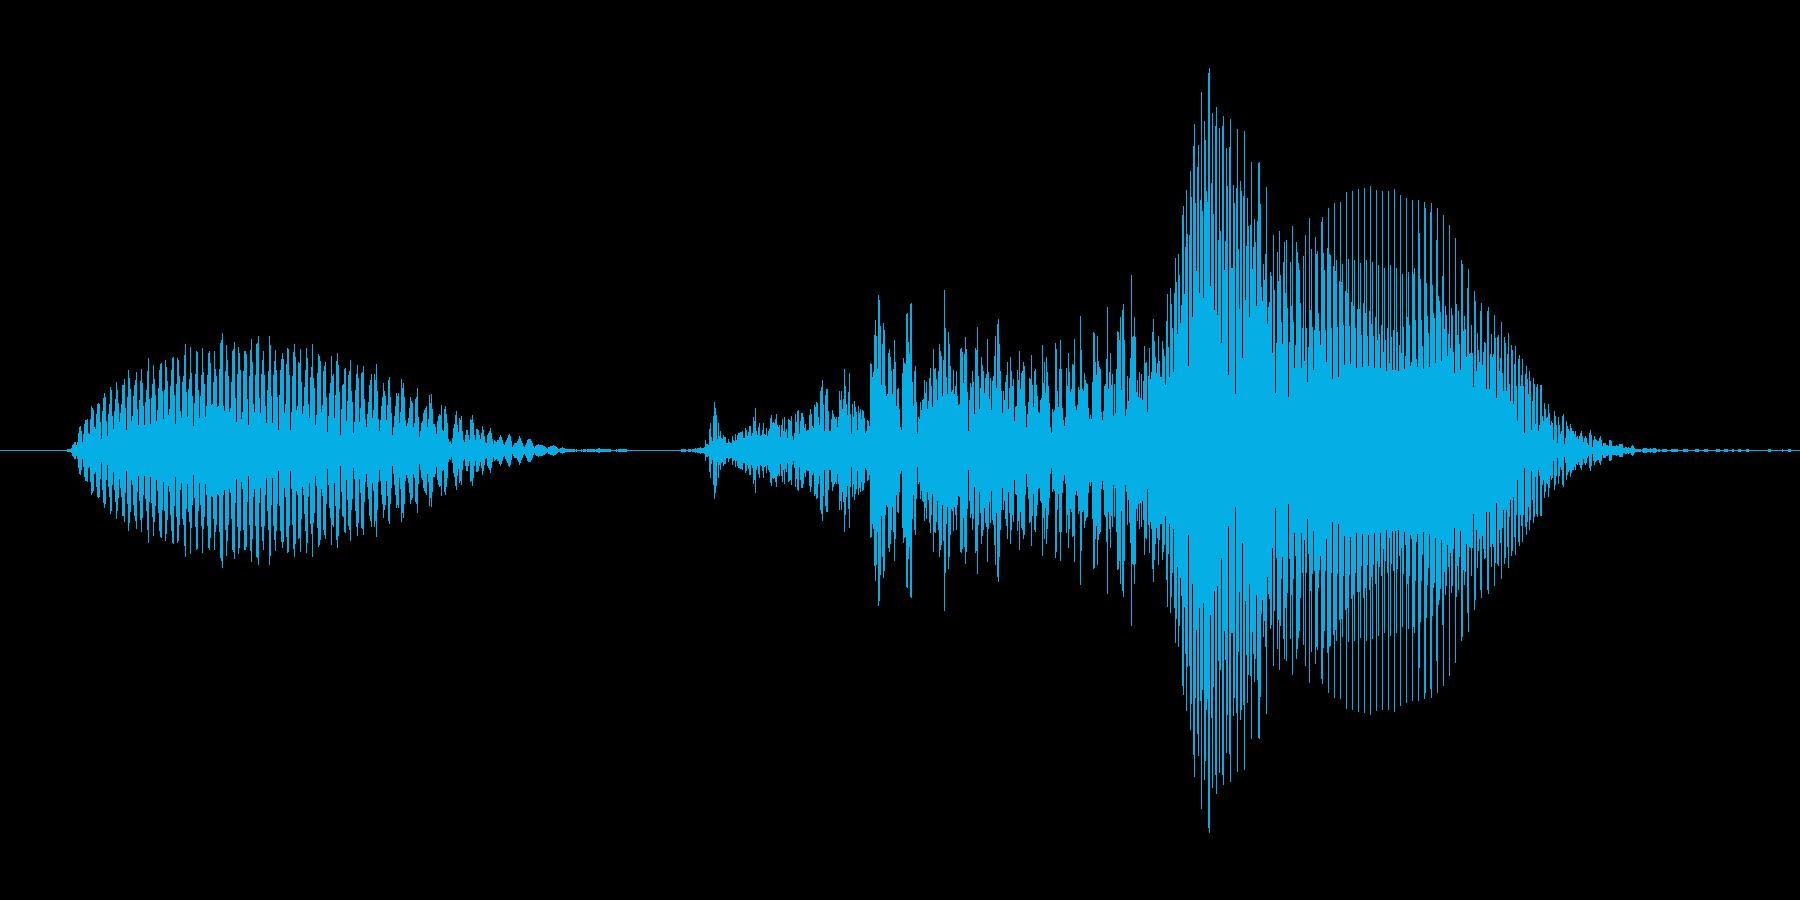 いくぞっ!(Type-D)の再生済みの波形